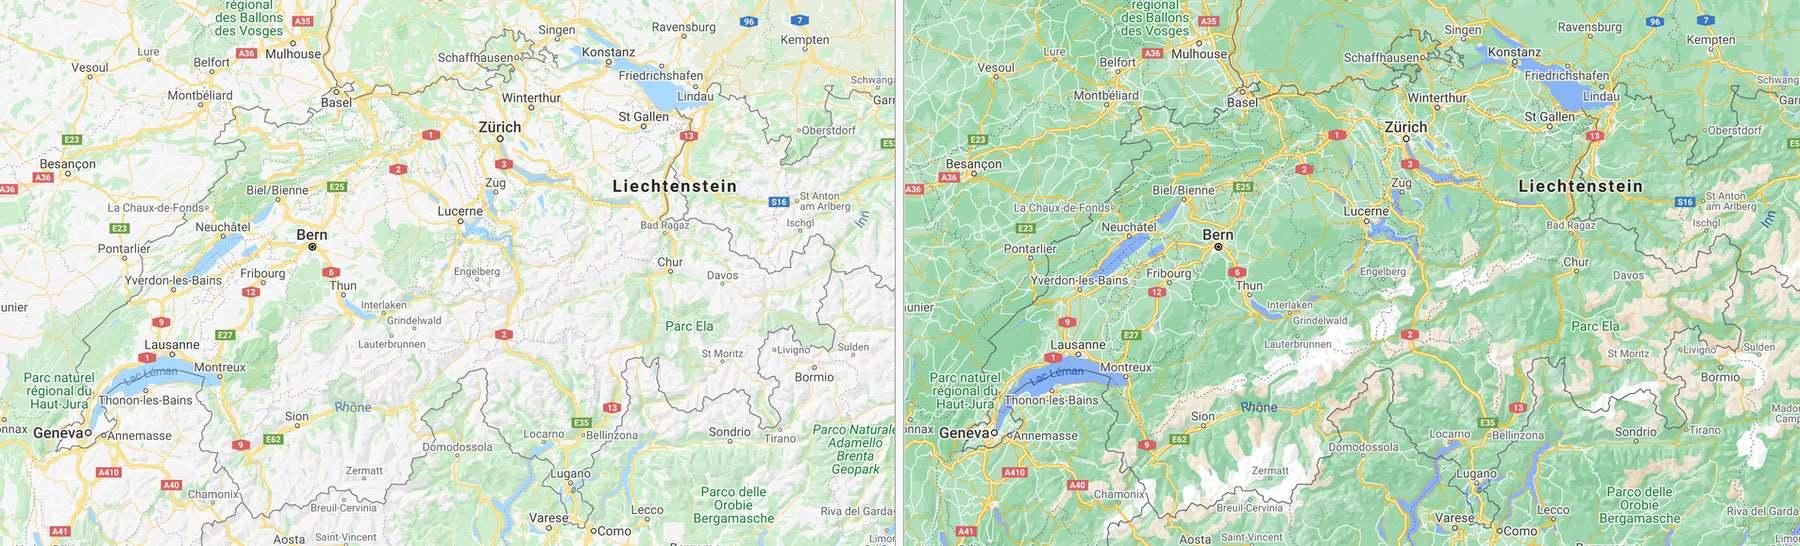 Google Maps Schweiz - mit mehr Details